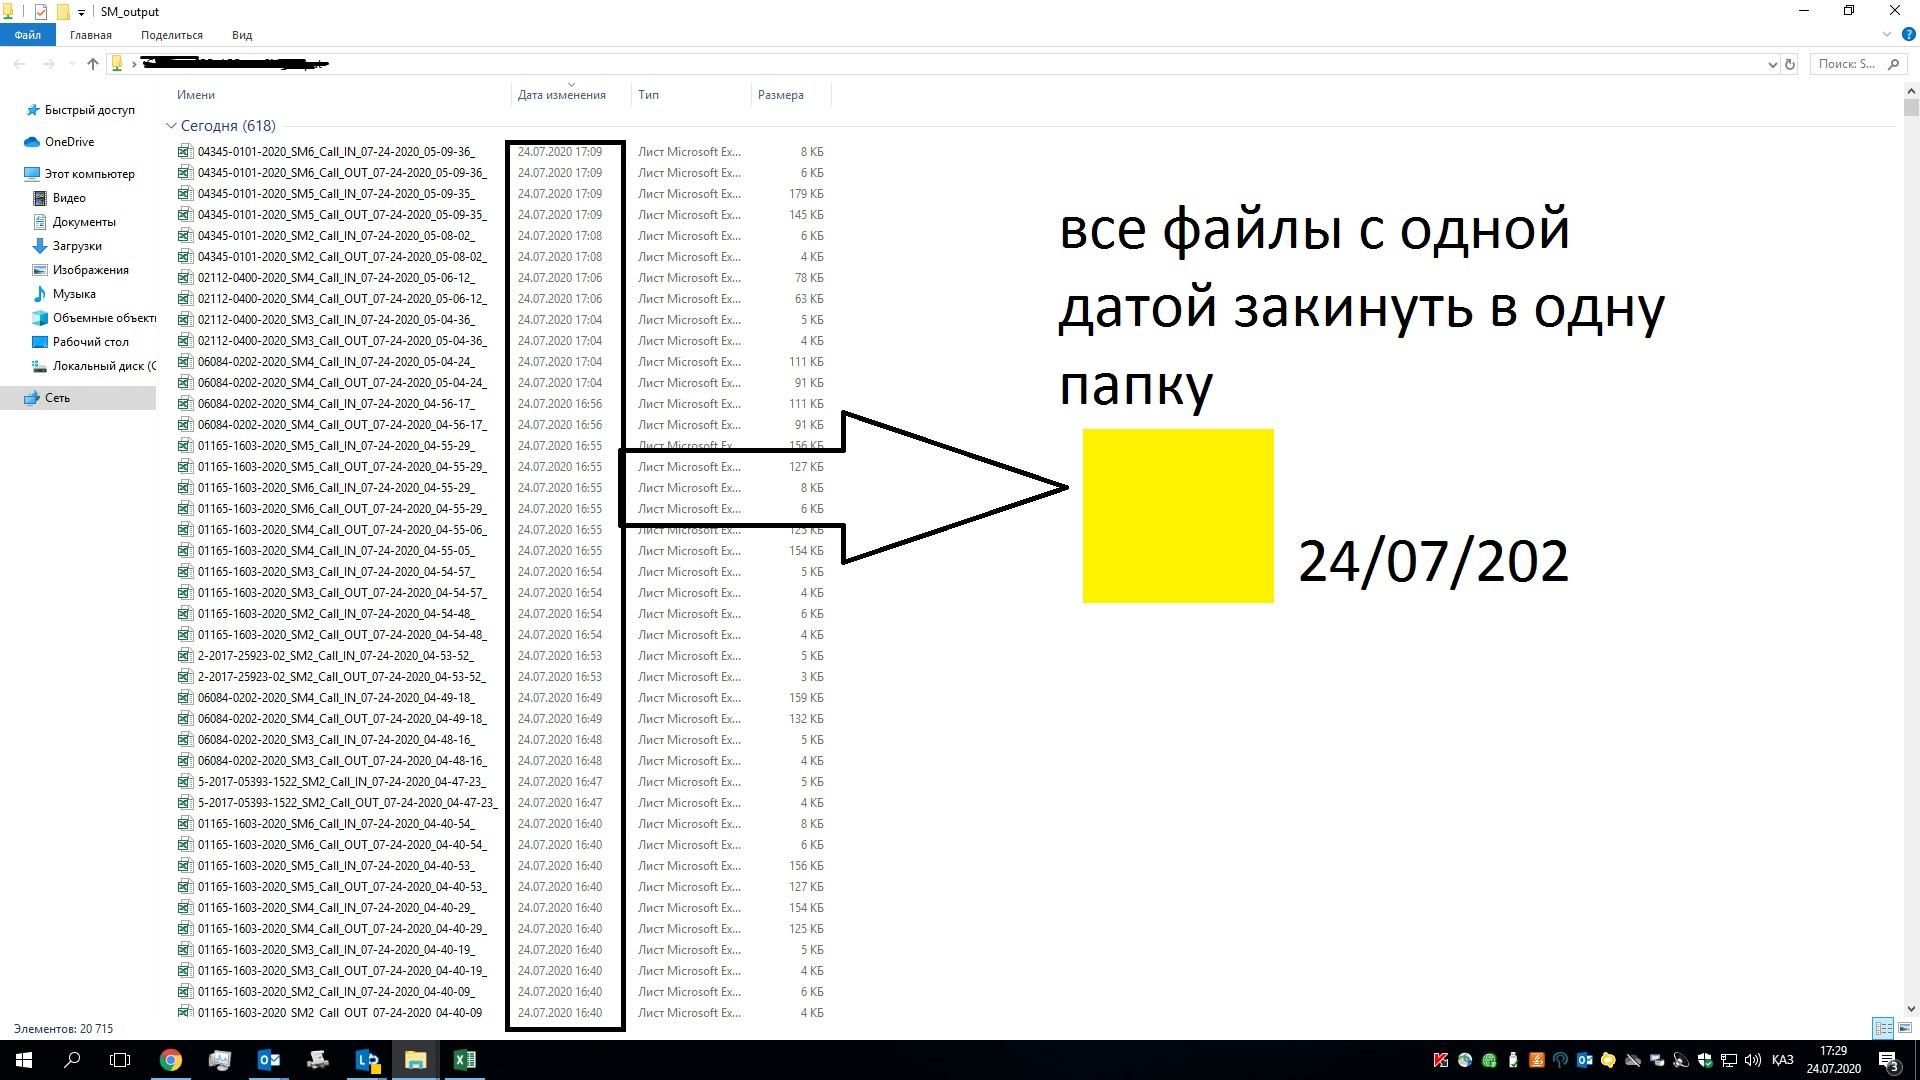 5f1ac85e43a07871999727.jpeg